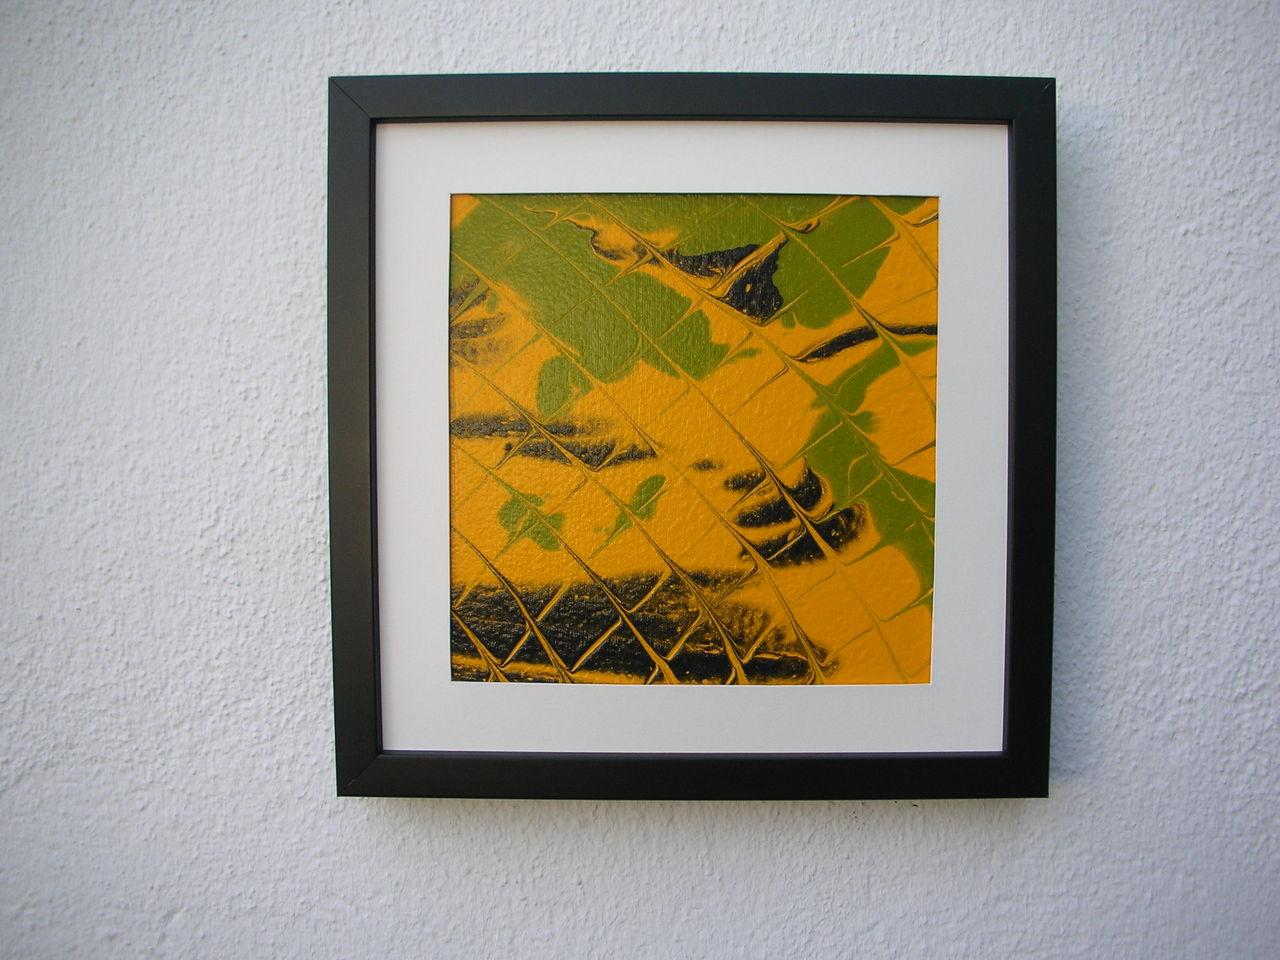 dscn2421 gelb glas gr n schwarz von g nter klemusch bei kunstnet. Black Bedroom Furniture Sets. Home Design Ideas